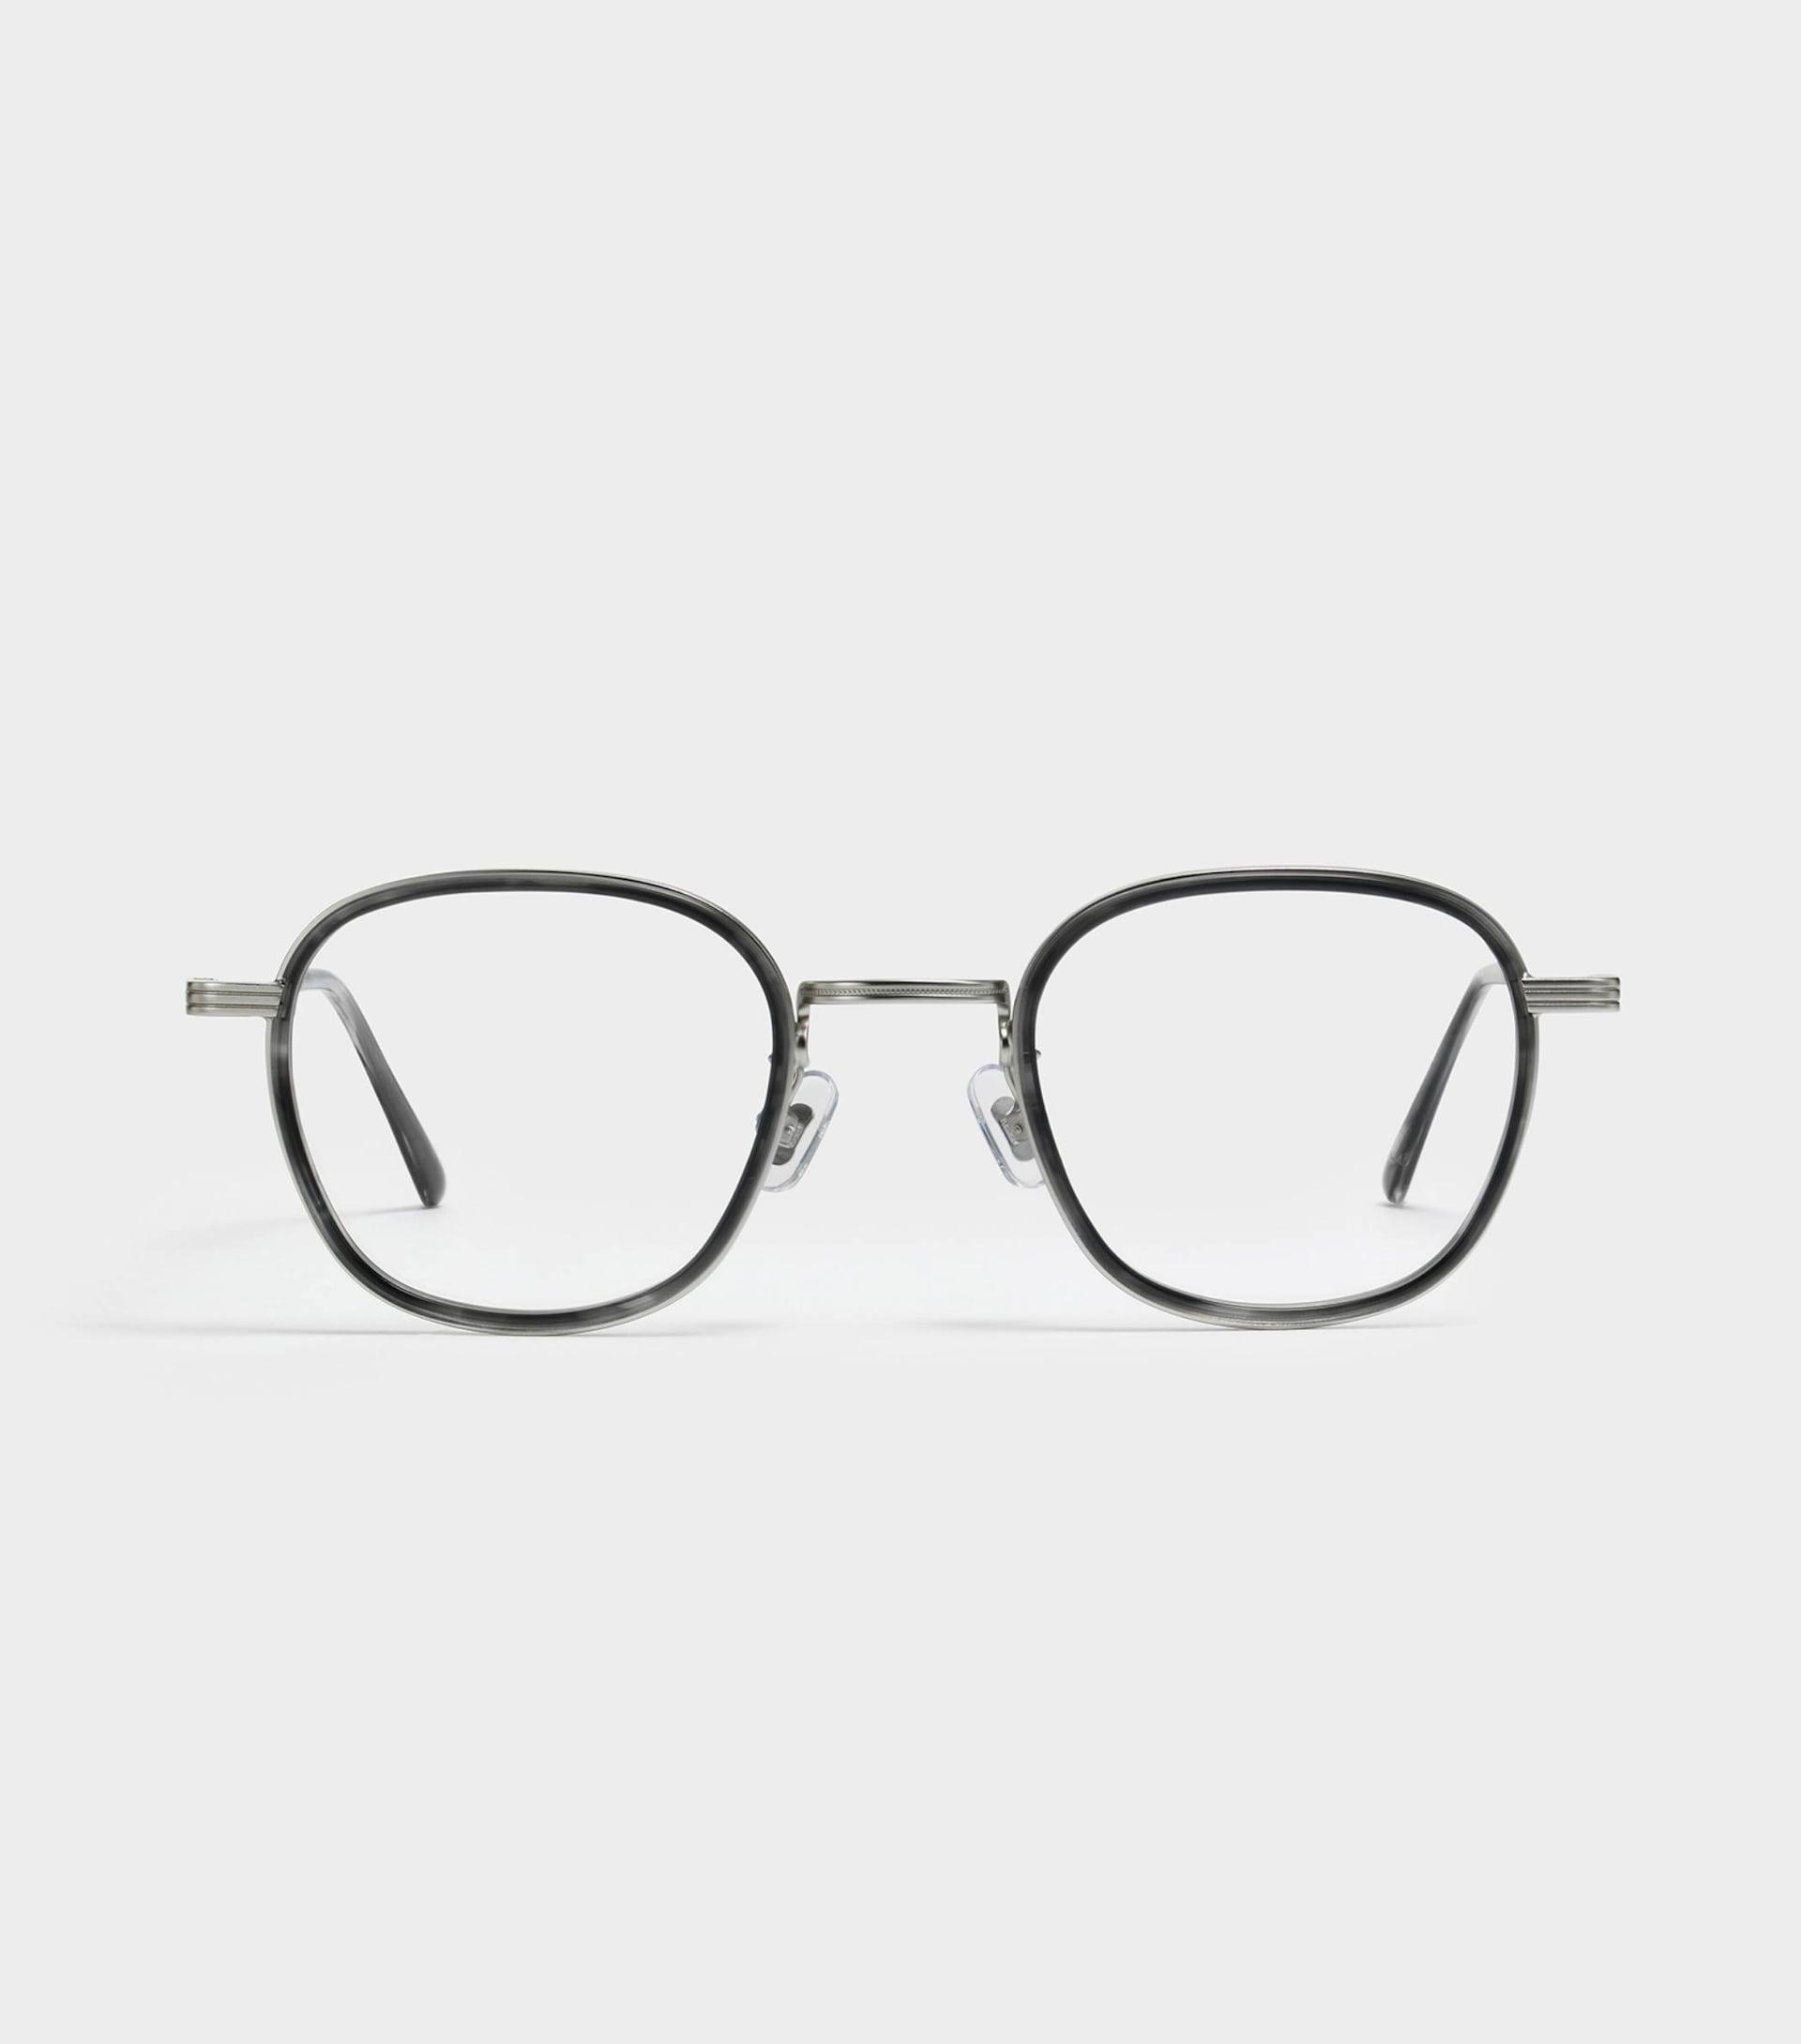 GENTLE MONSTER Glasses   Shop GentleMonster.com 57371882a2